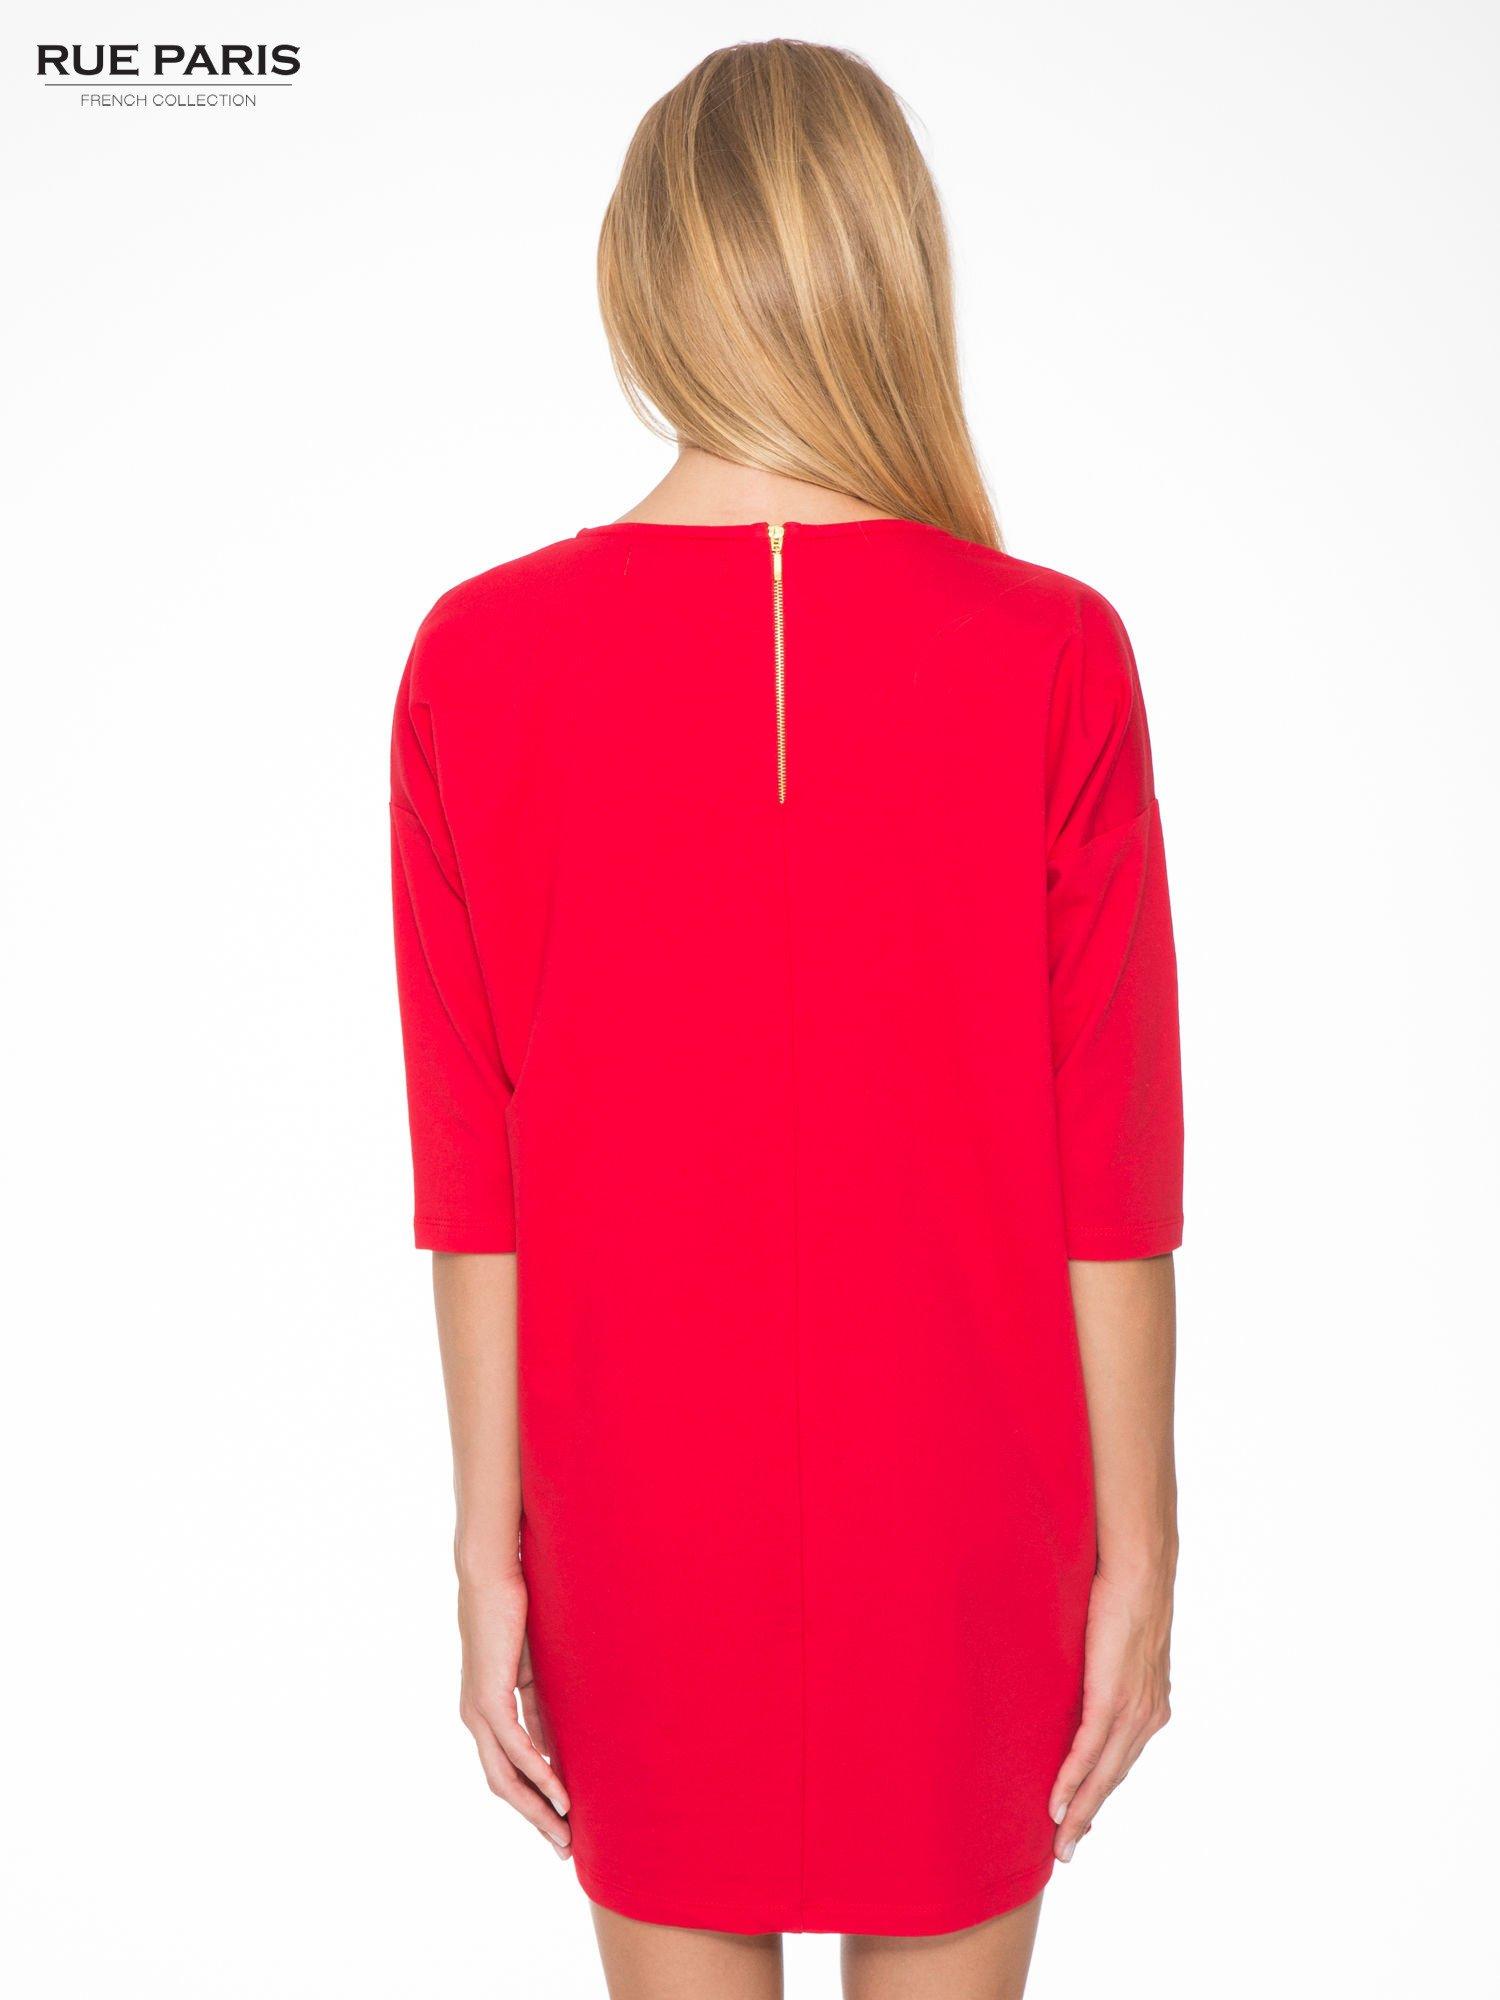 Ciemnoróżowa prosta sukienka z zamkiem z tyłu                                  zdj.                                  4